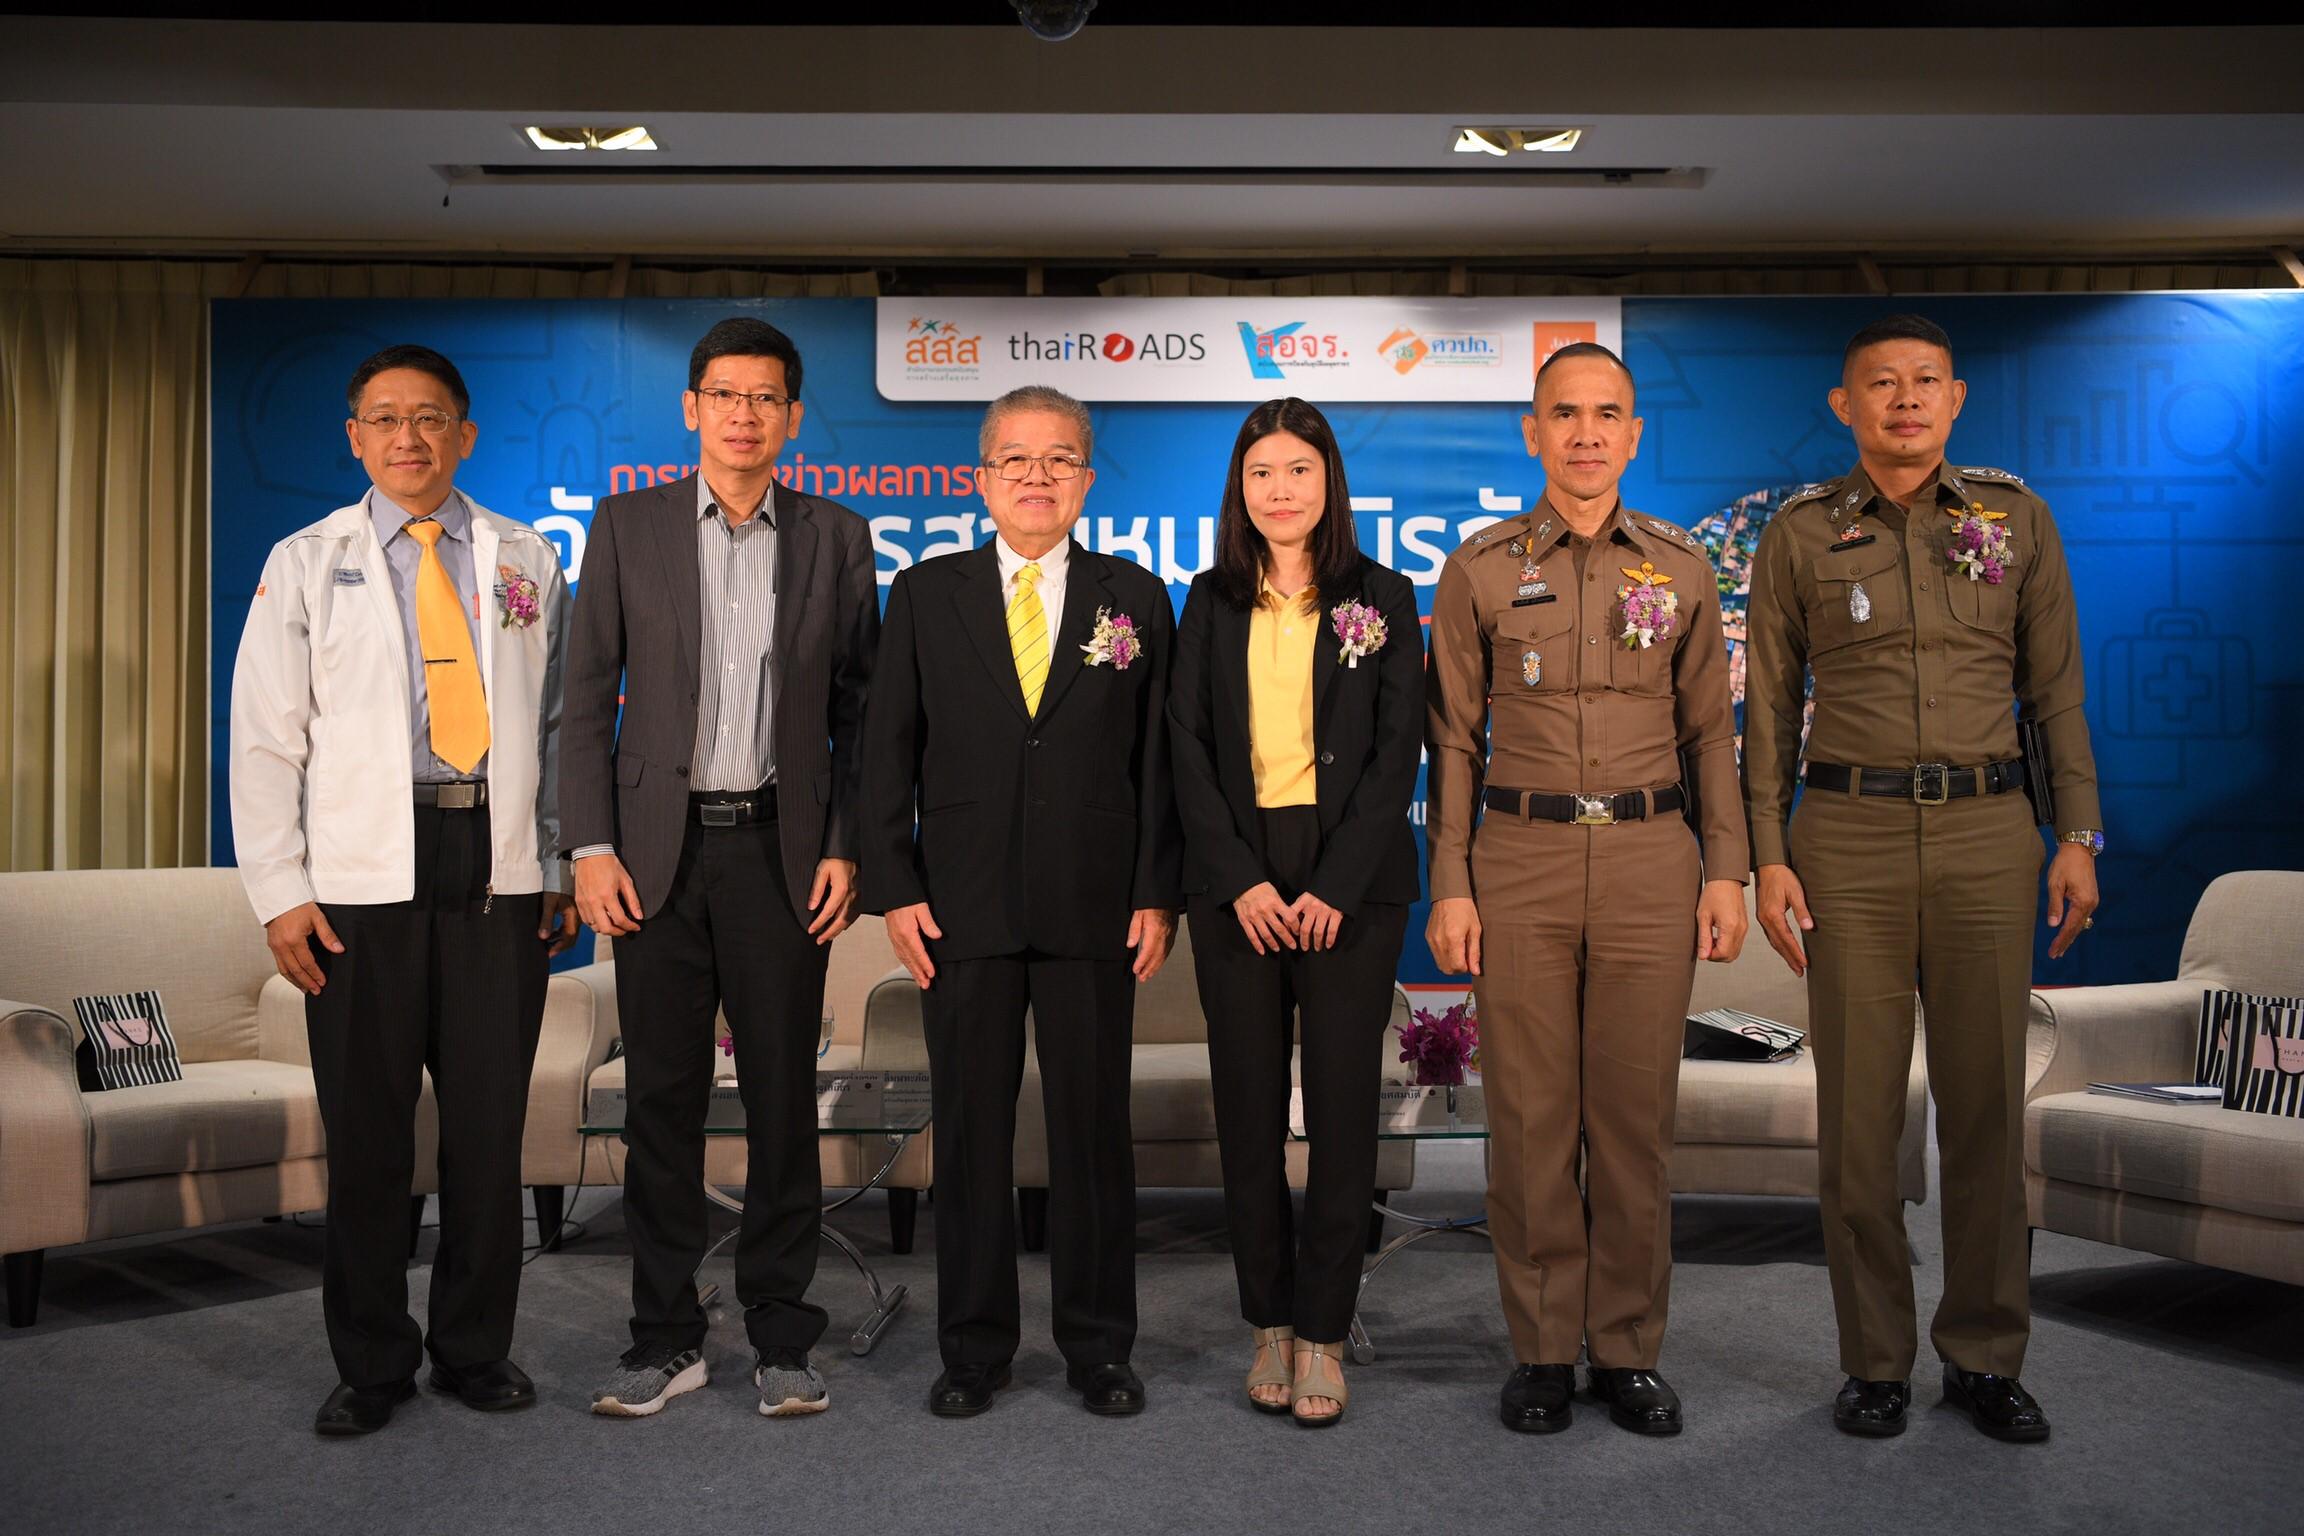 เปิดผลวิจัยอุบัติเหตุจักรยานยนต์ ขาดทักษะขี่อย่างปลอดภัย thaihealth